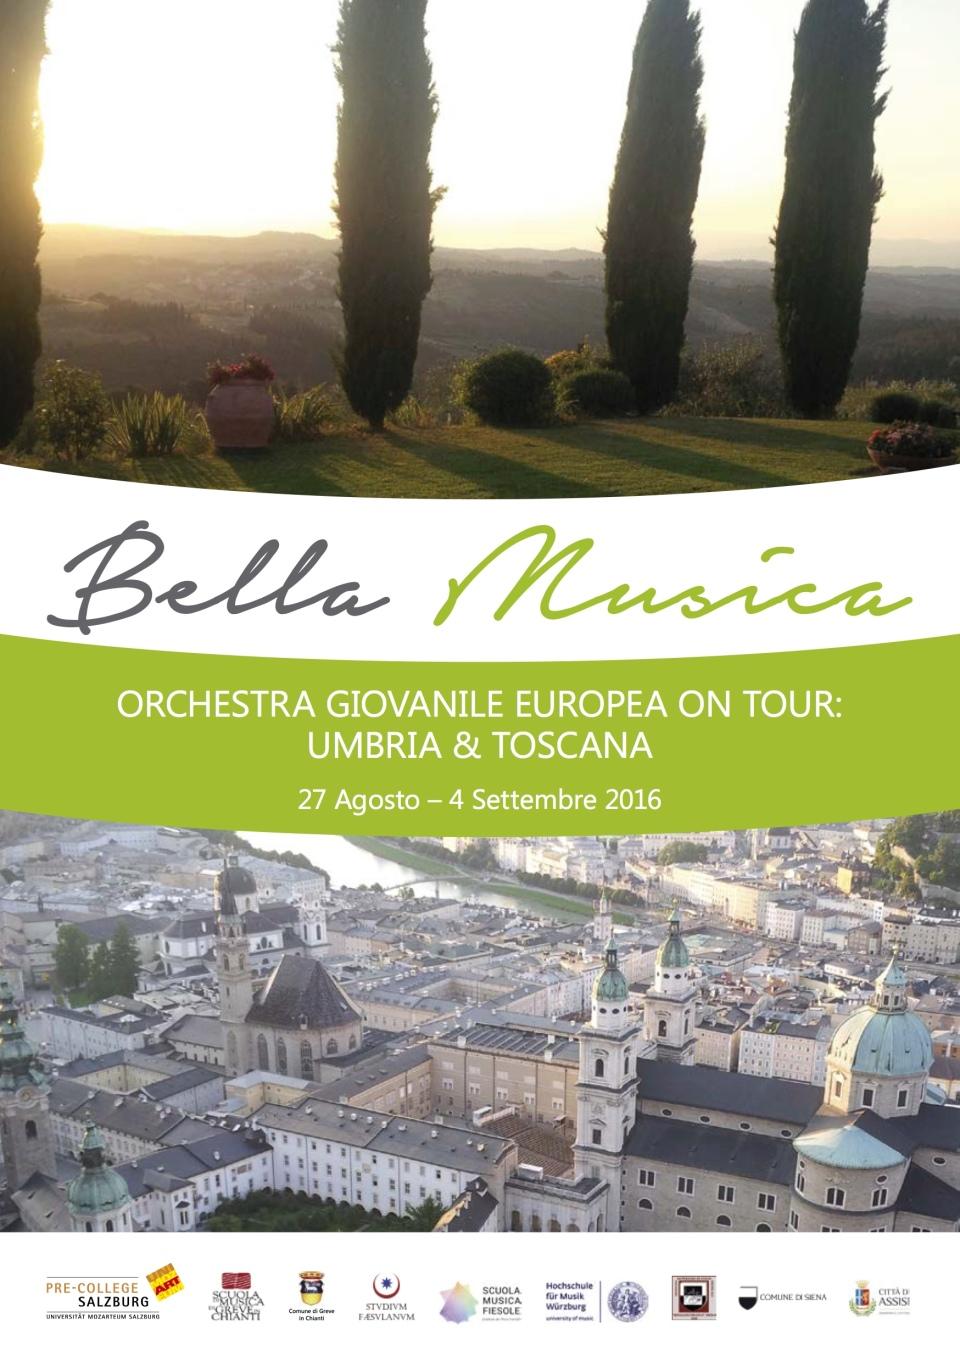 Programm_BellaMusica2016_web (trascinato)